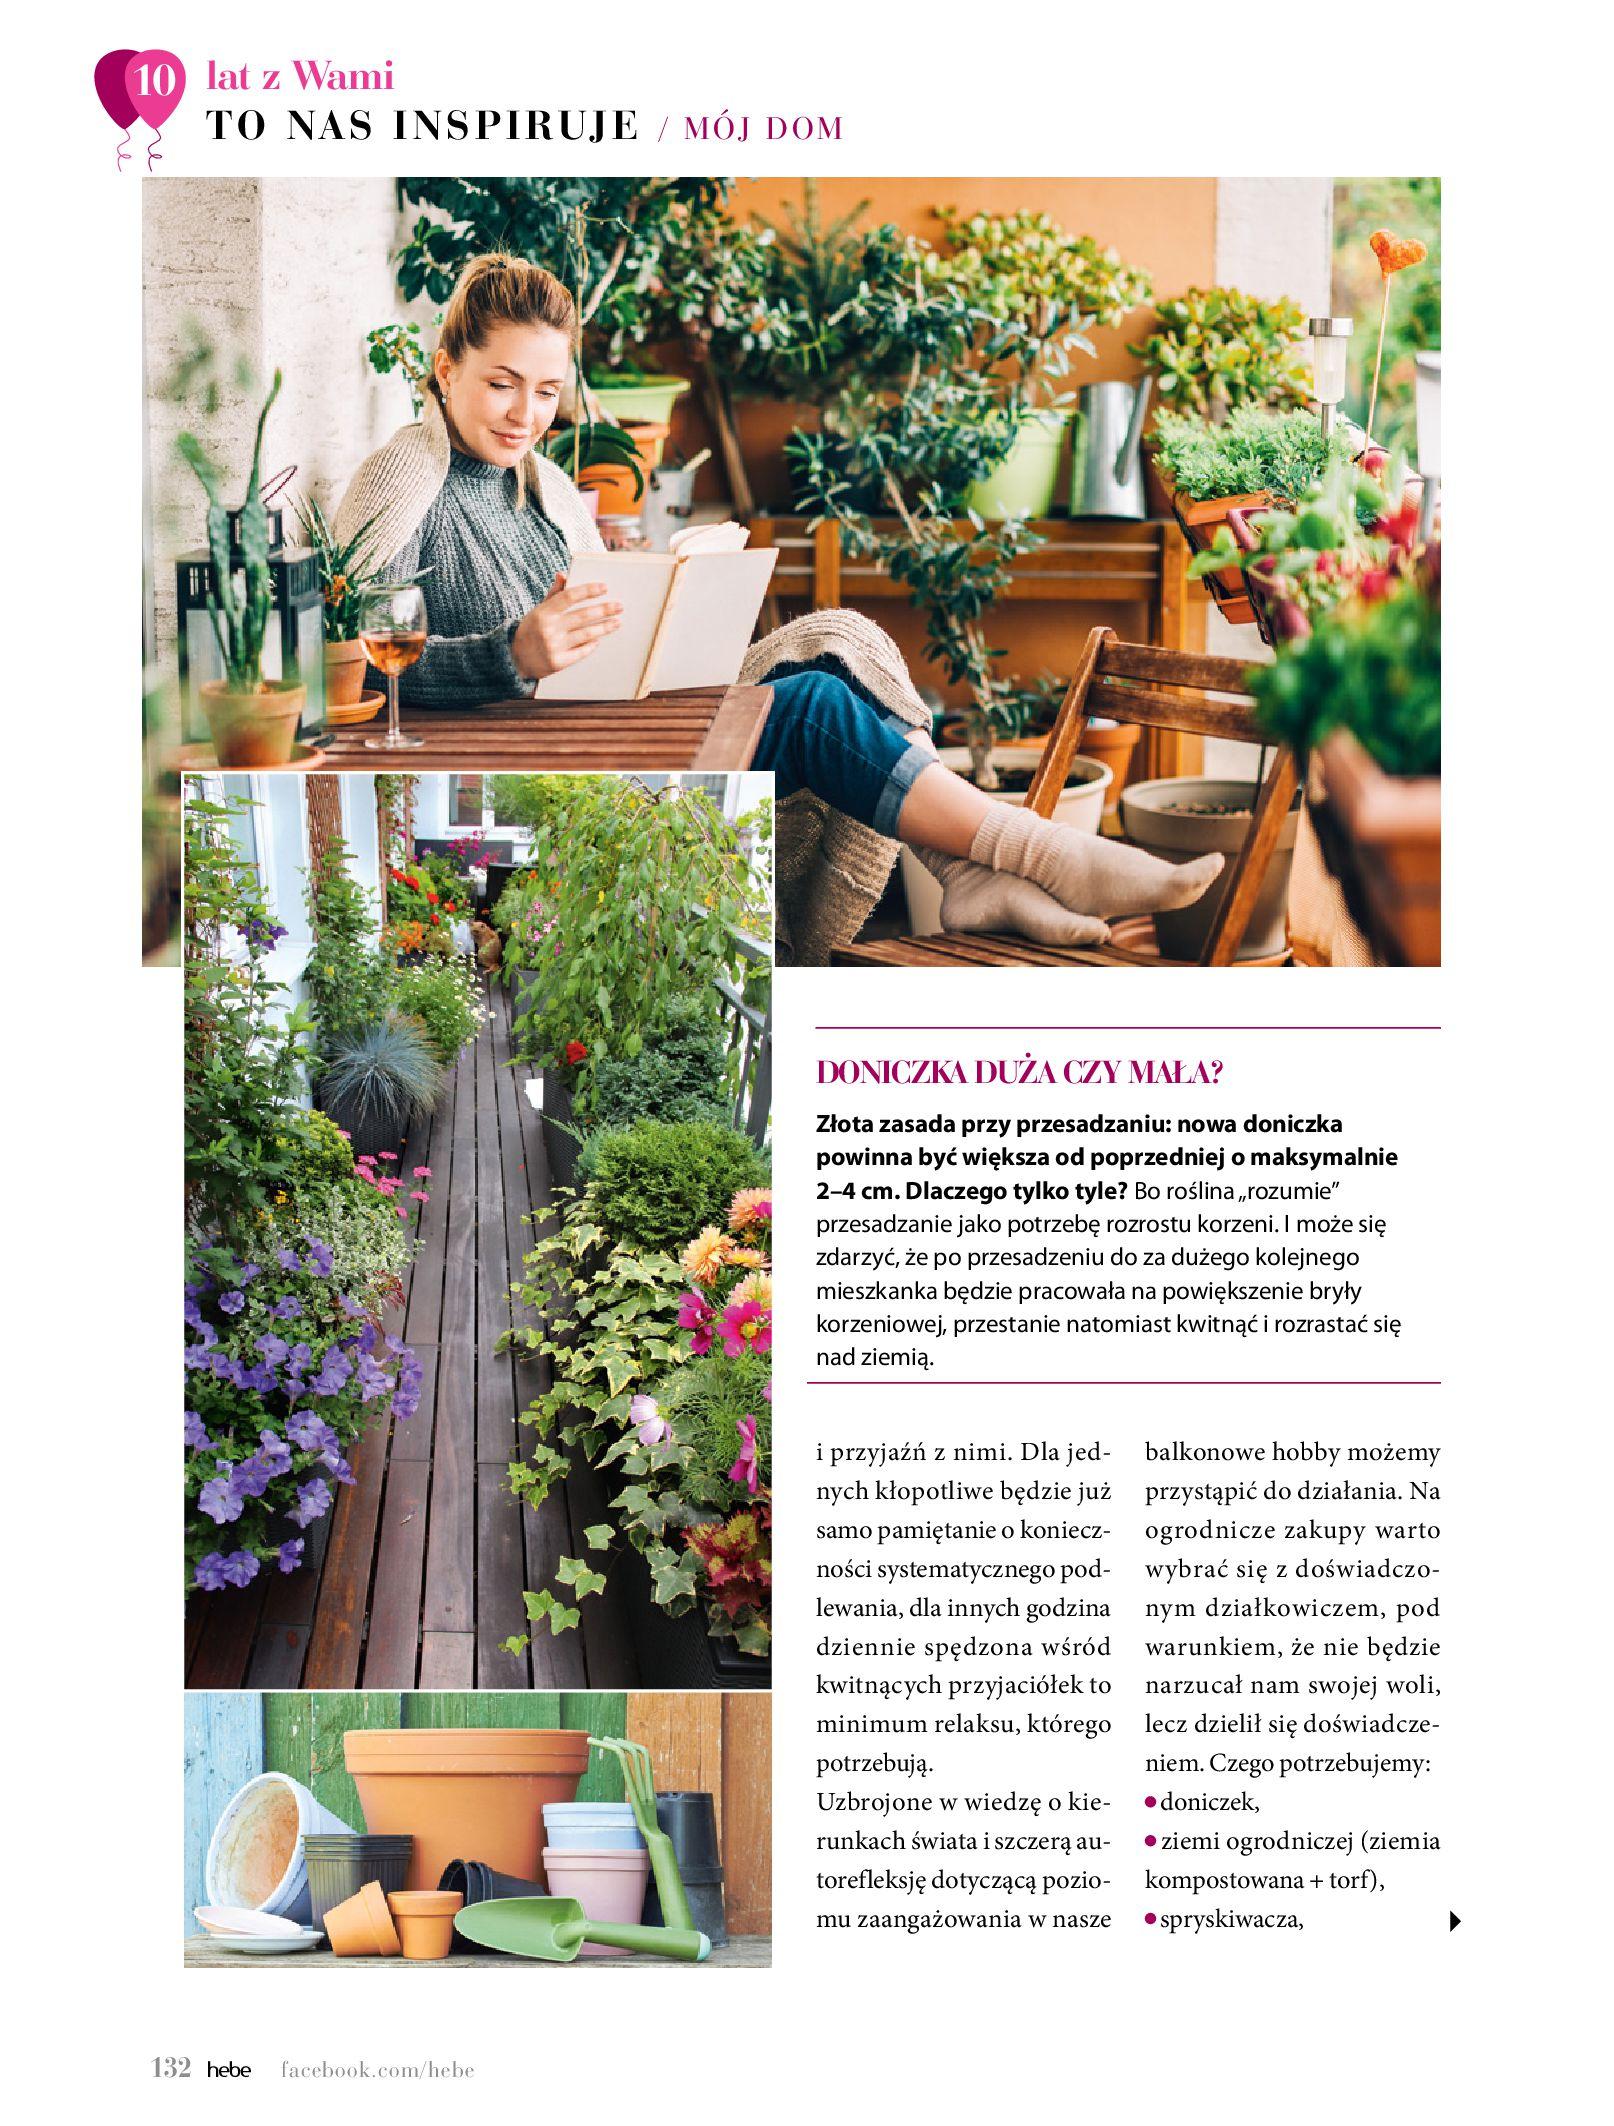 Gazetka hebe: Gazetka Hebe - Magazyn  2021-05-01 page-132